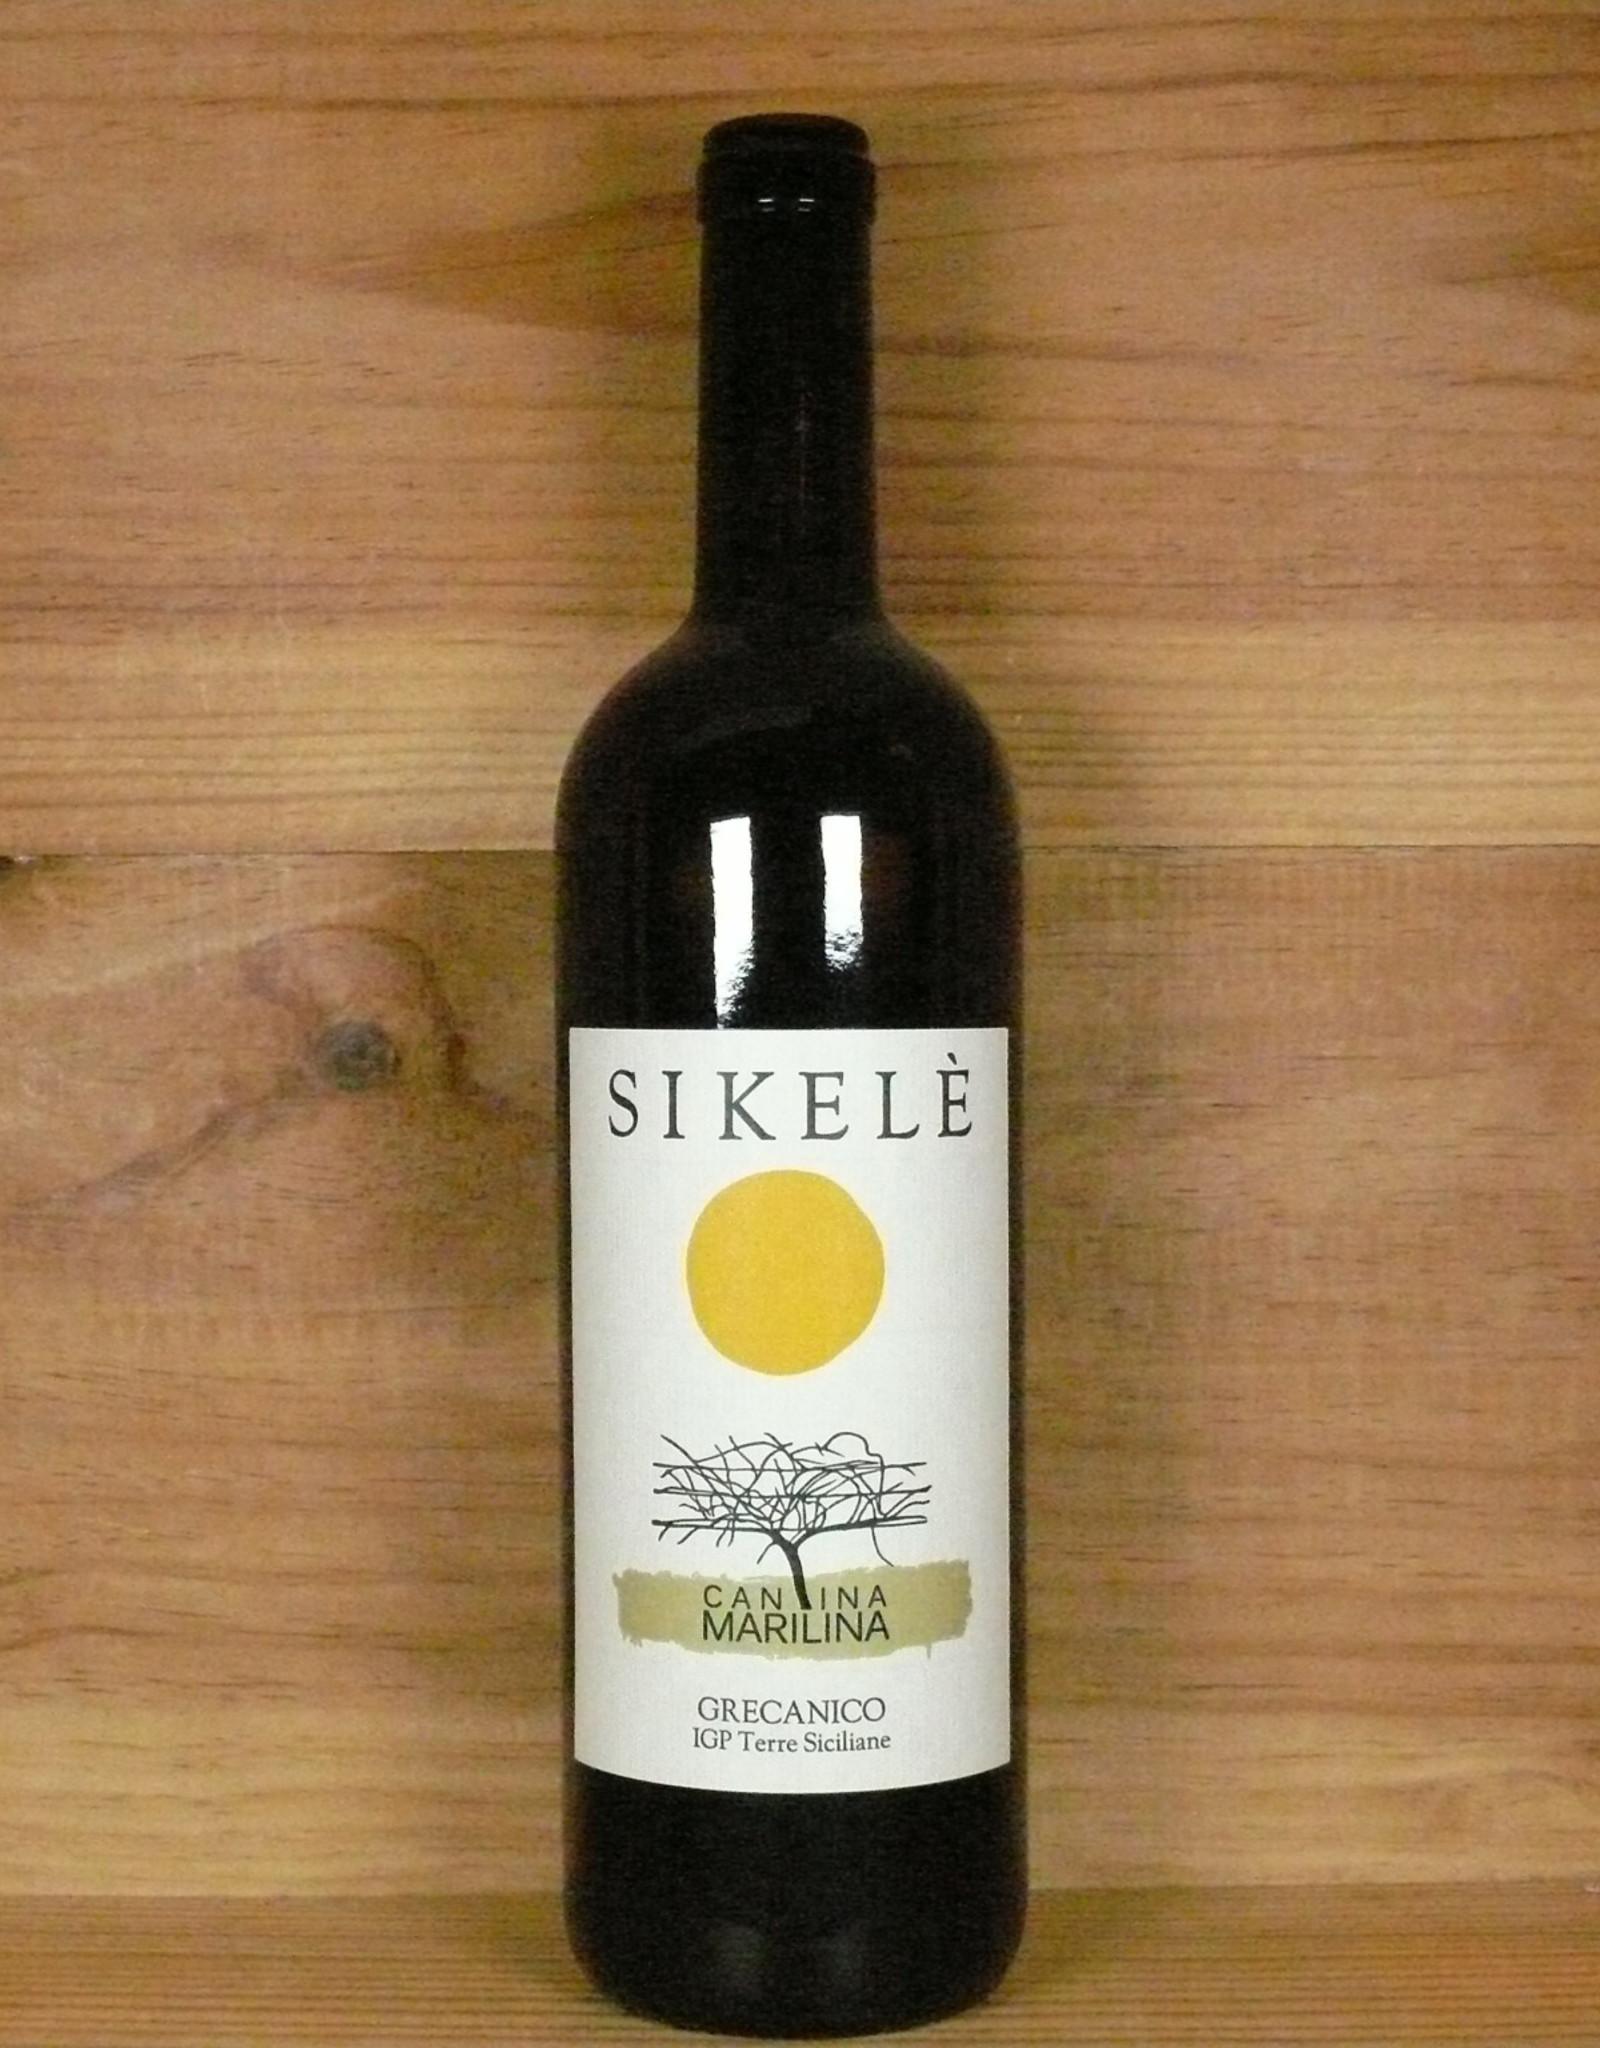 Sikelè - Terre Siciliane Grecanico 2019